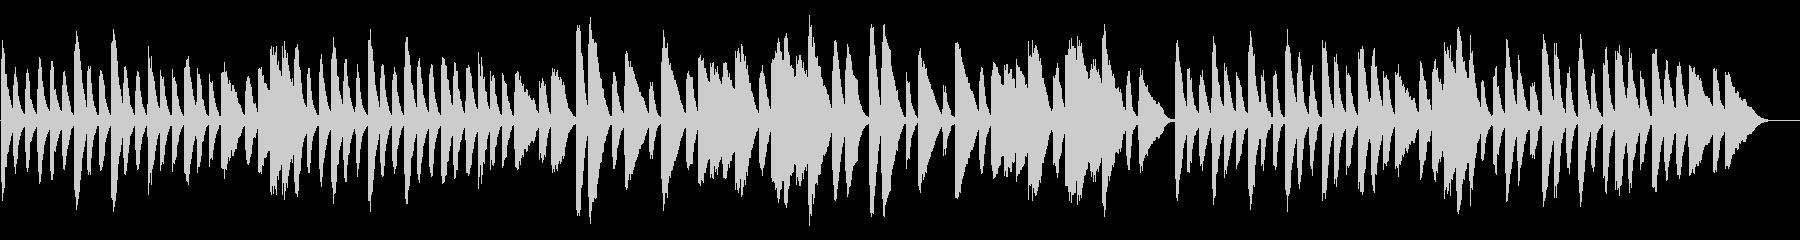 チョップスティックス/トトトのうたの原曲の未再生の波形